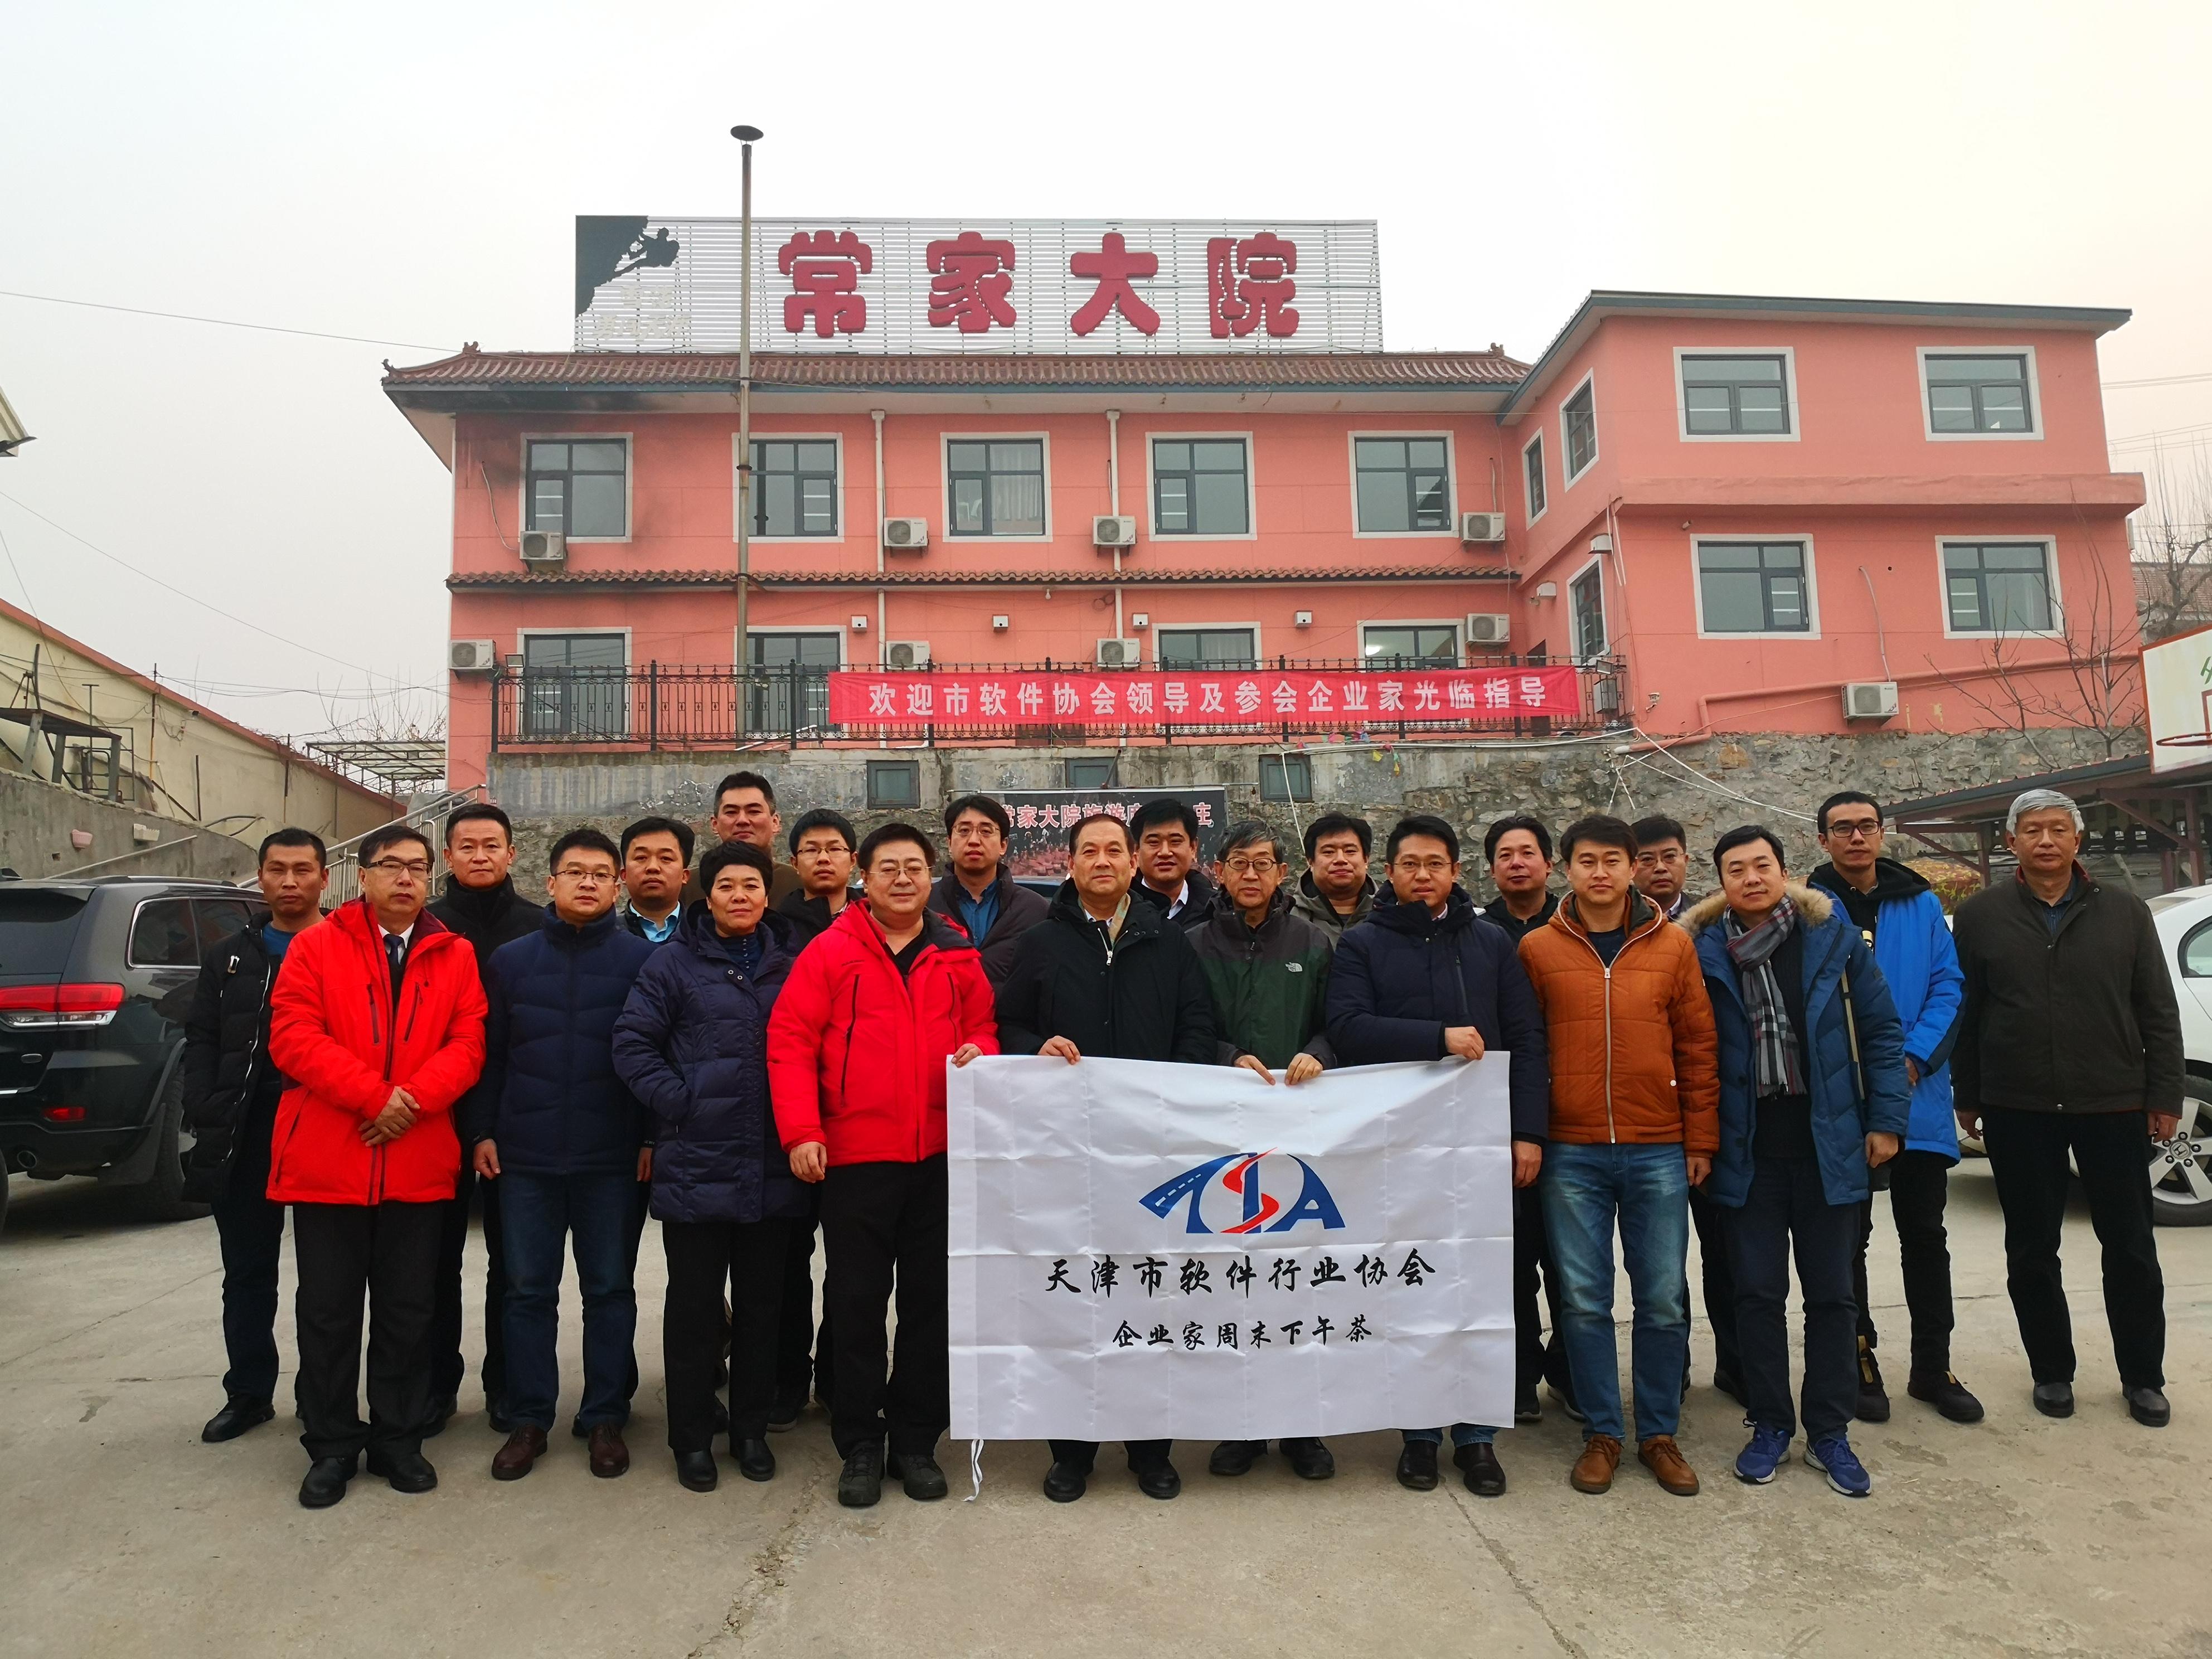 天津软协企业家周末下午茶活动(第二十五期)成功举办